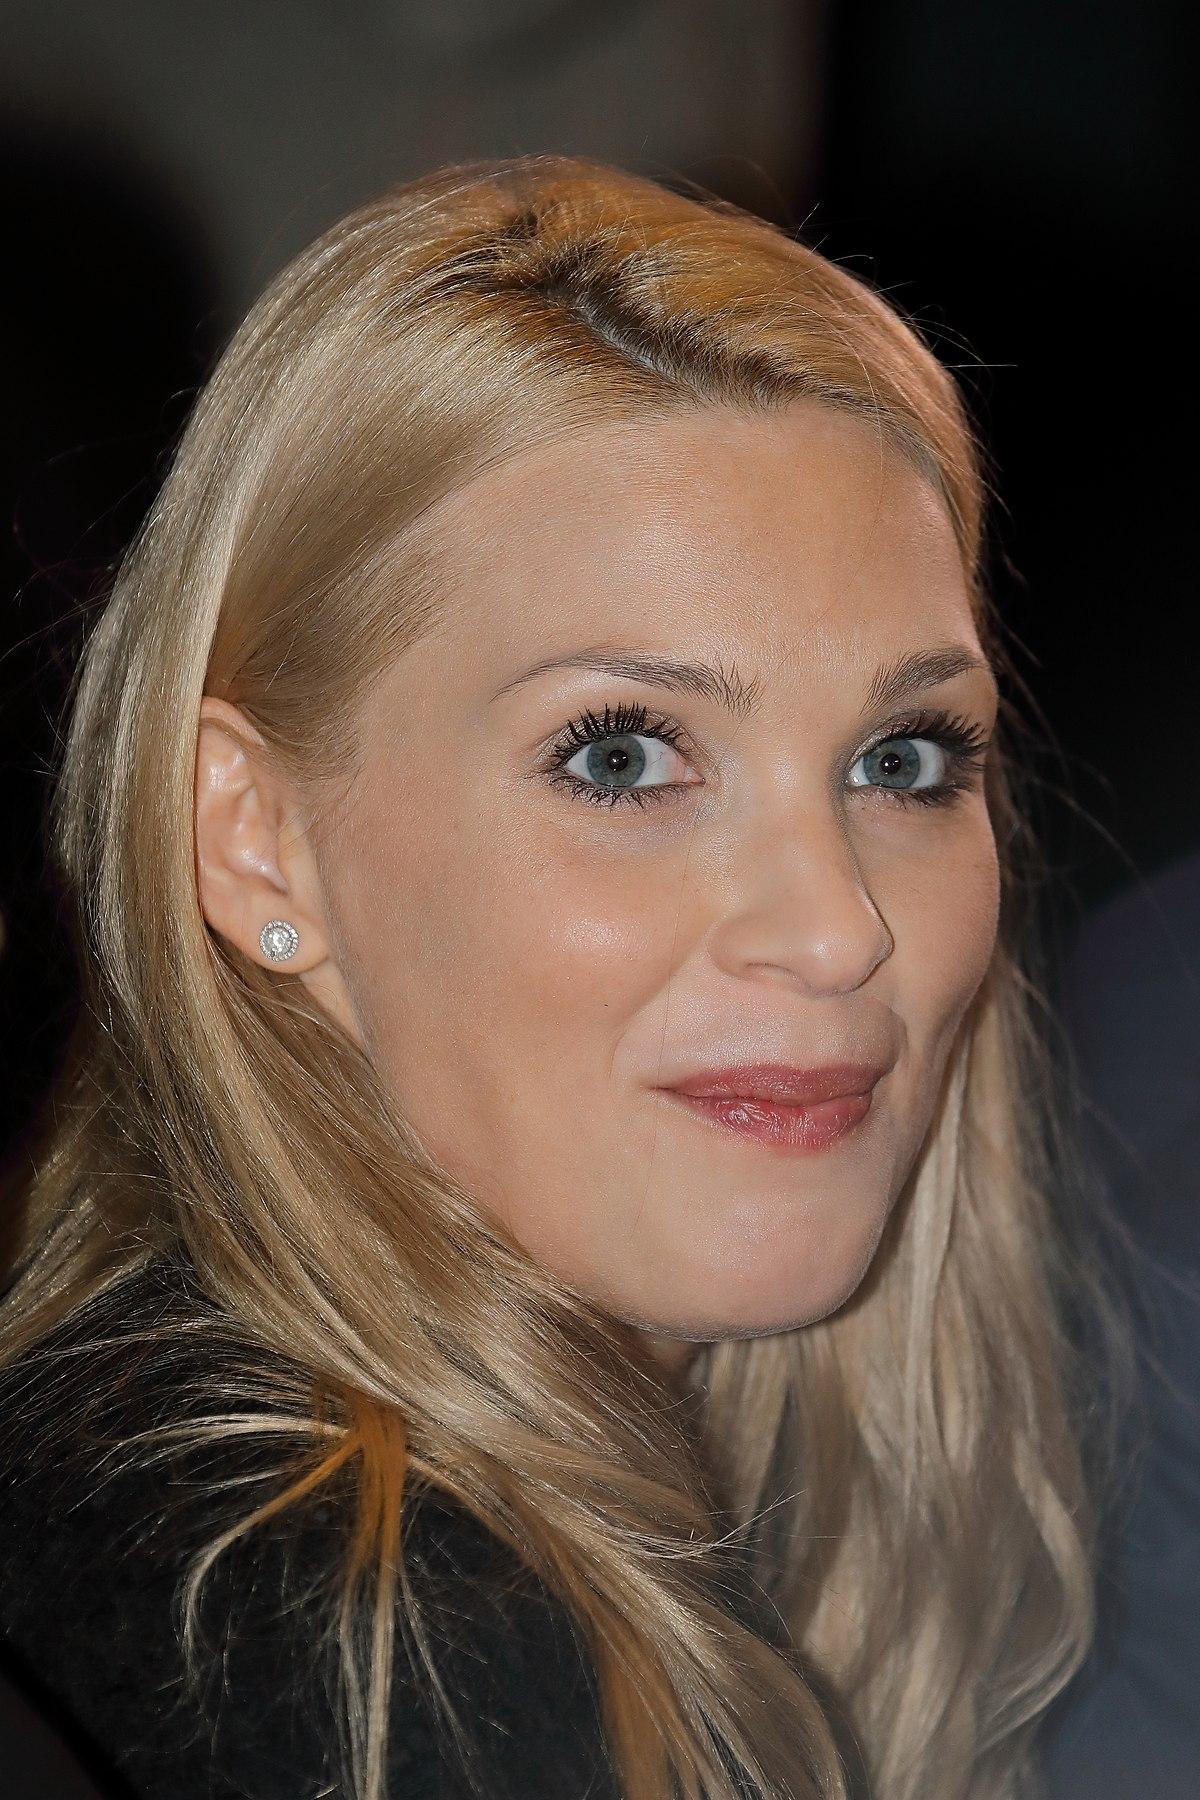 Daniela Plachutta